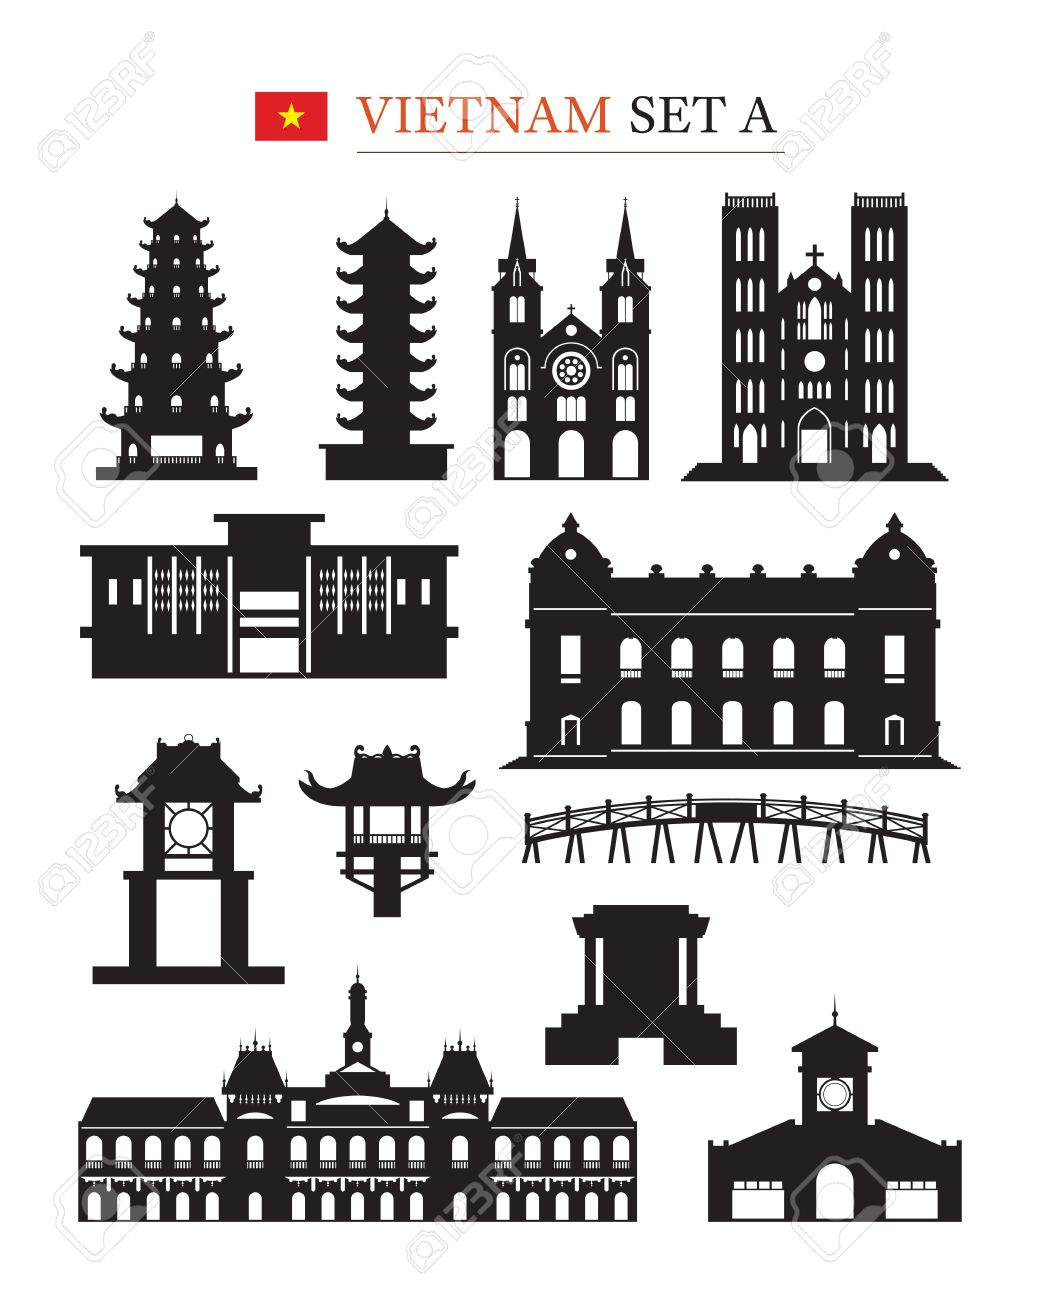 Architecture Design Elements vietnam landmarks architecture building object set, design